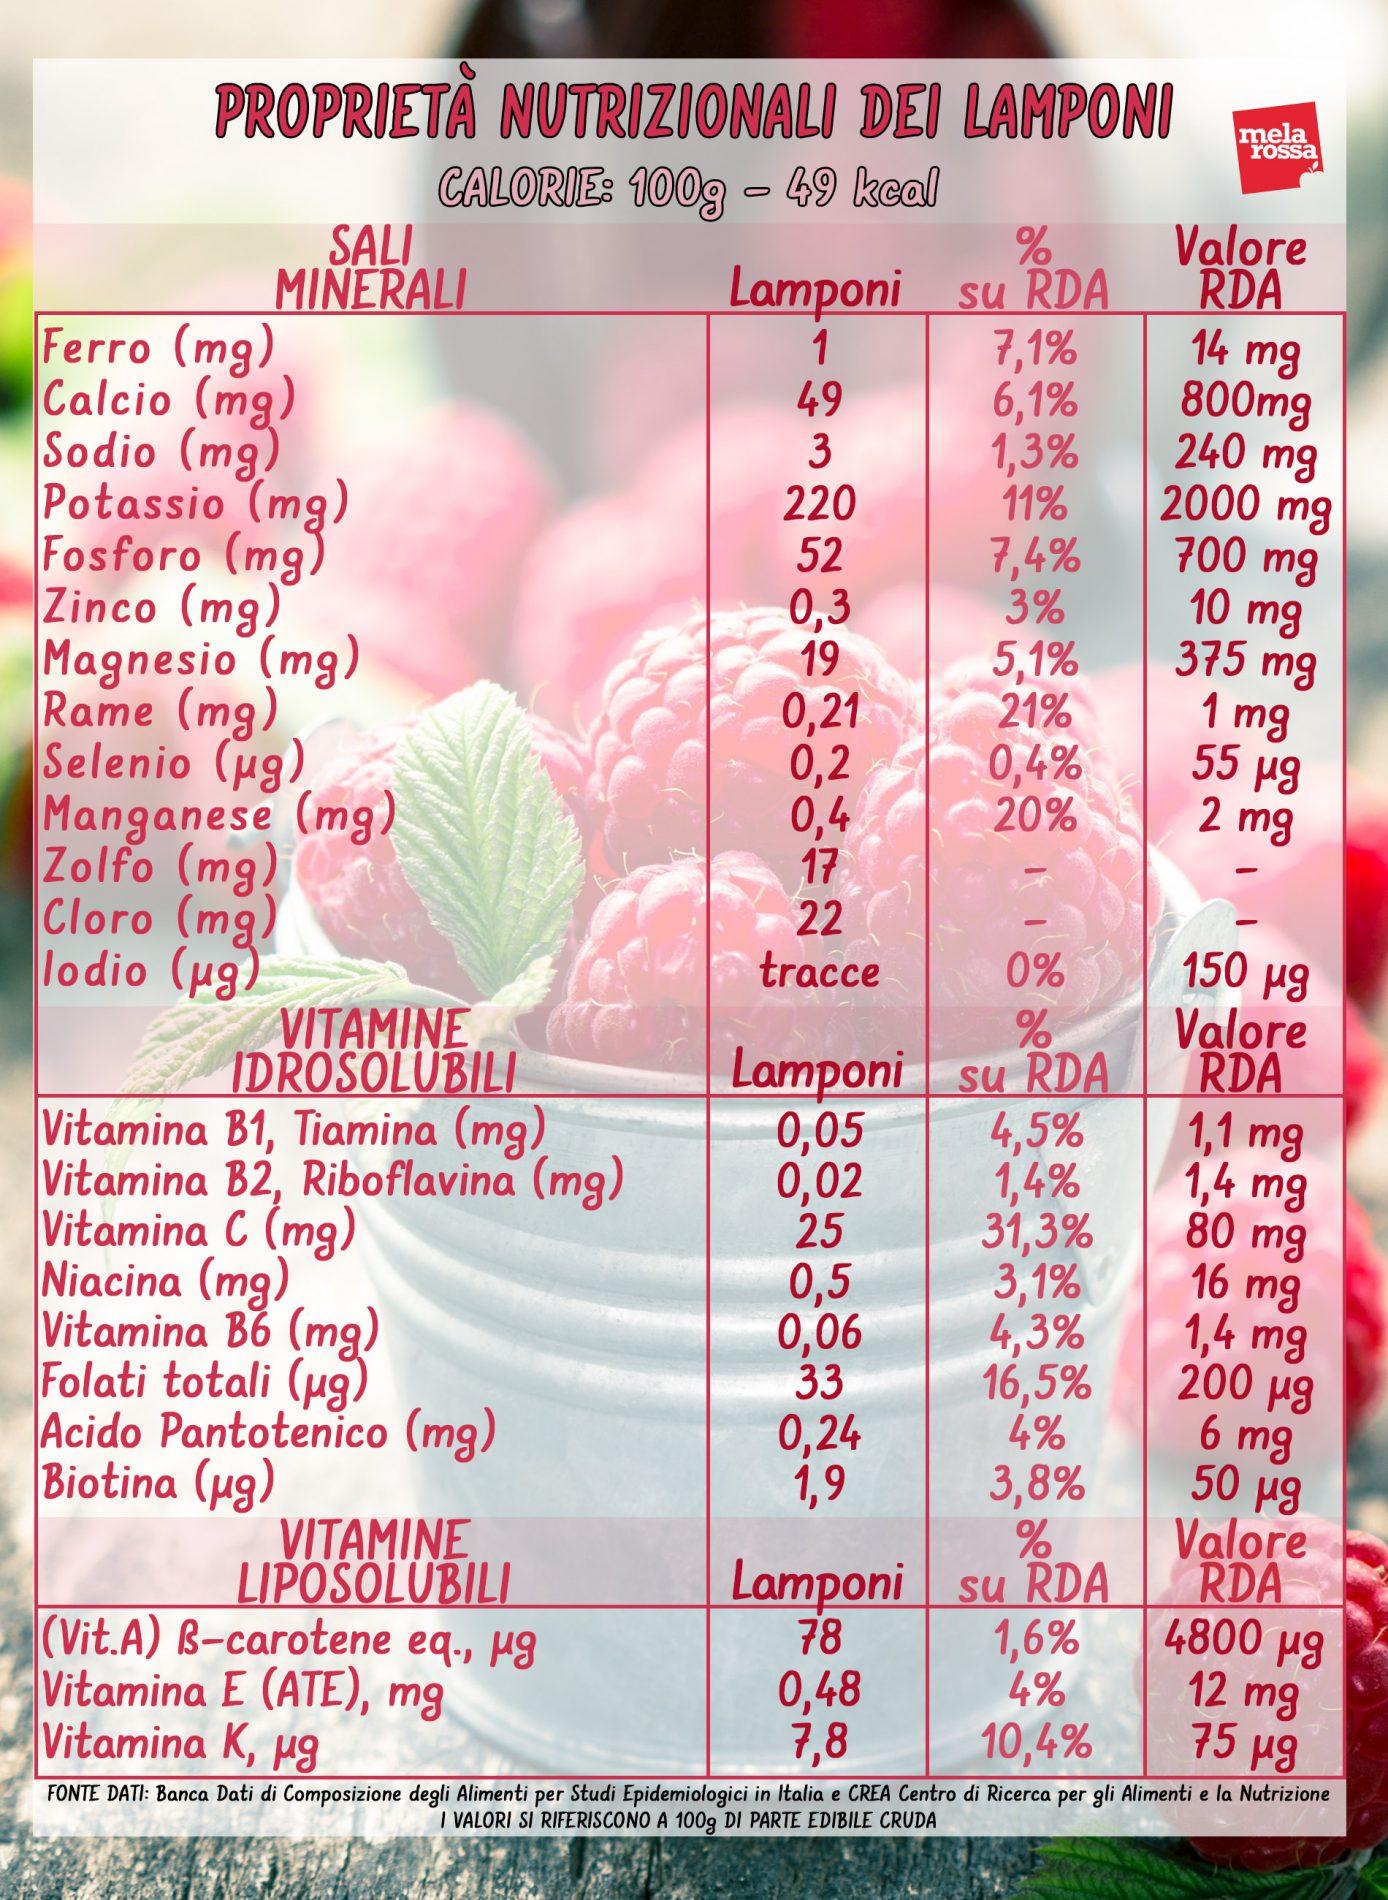 frambuesas: valores nutricionales